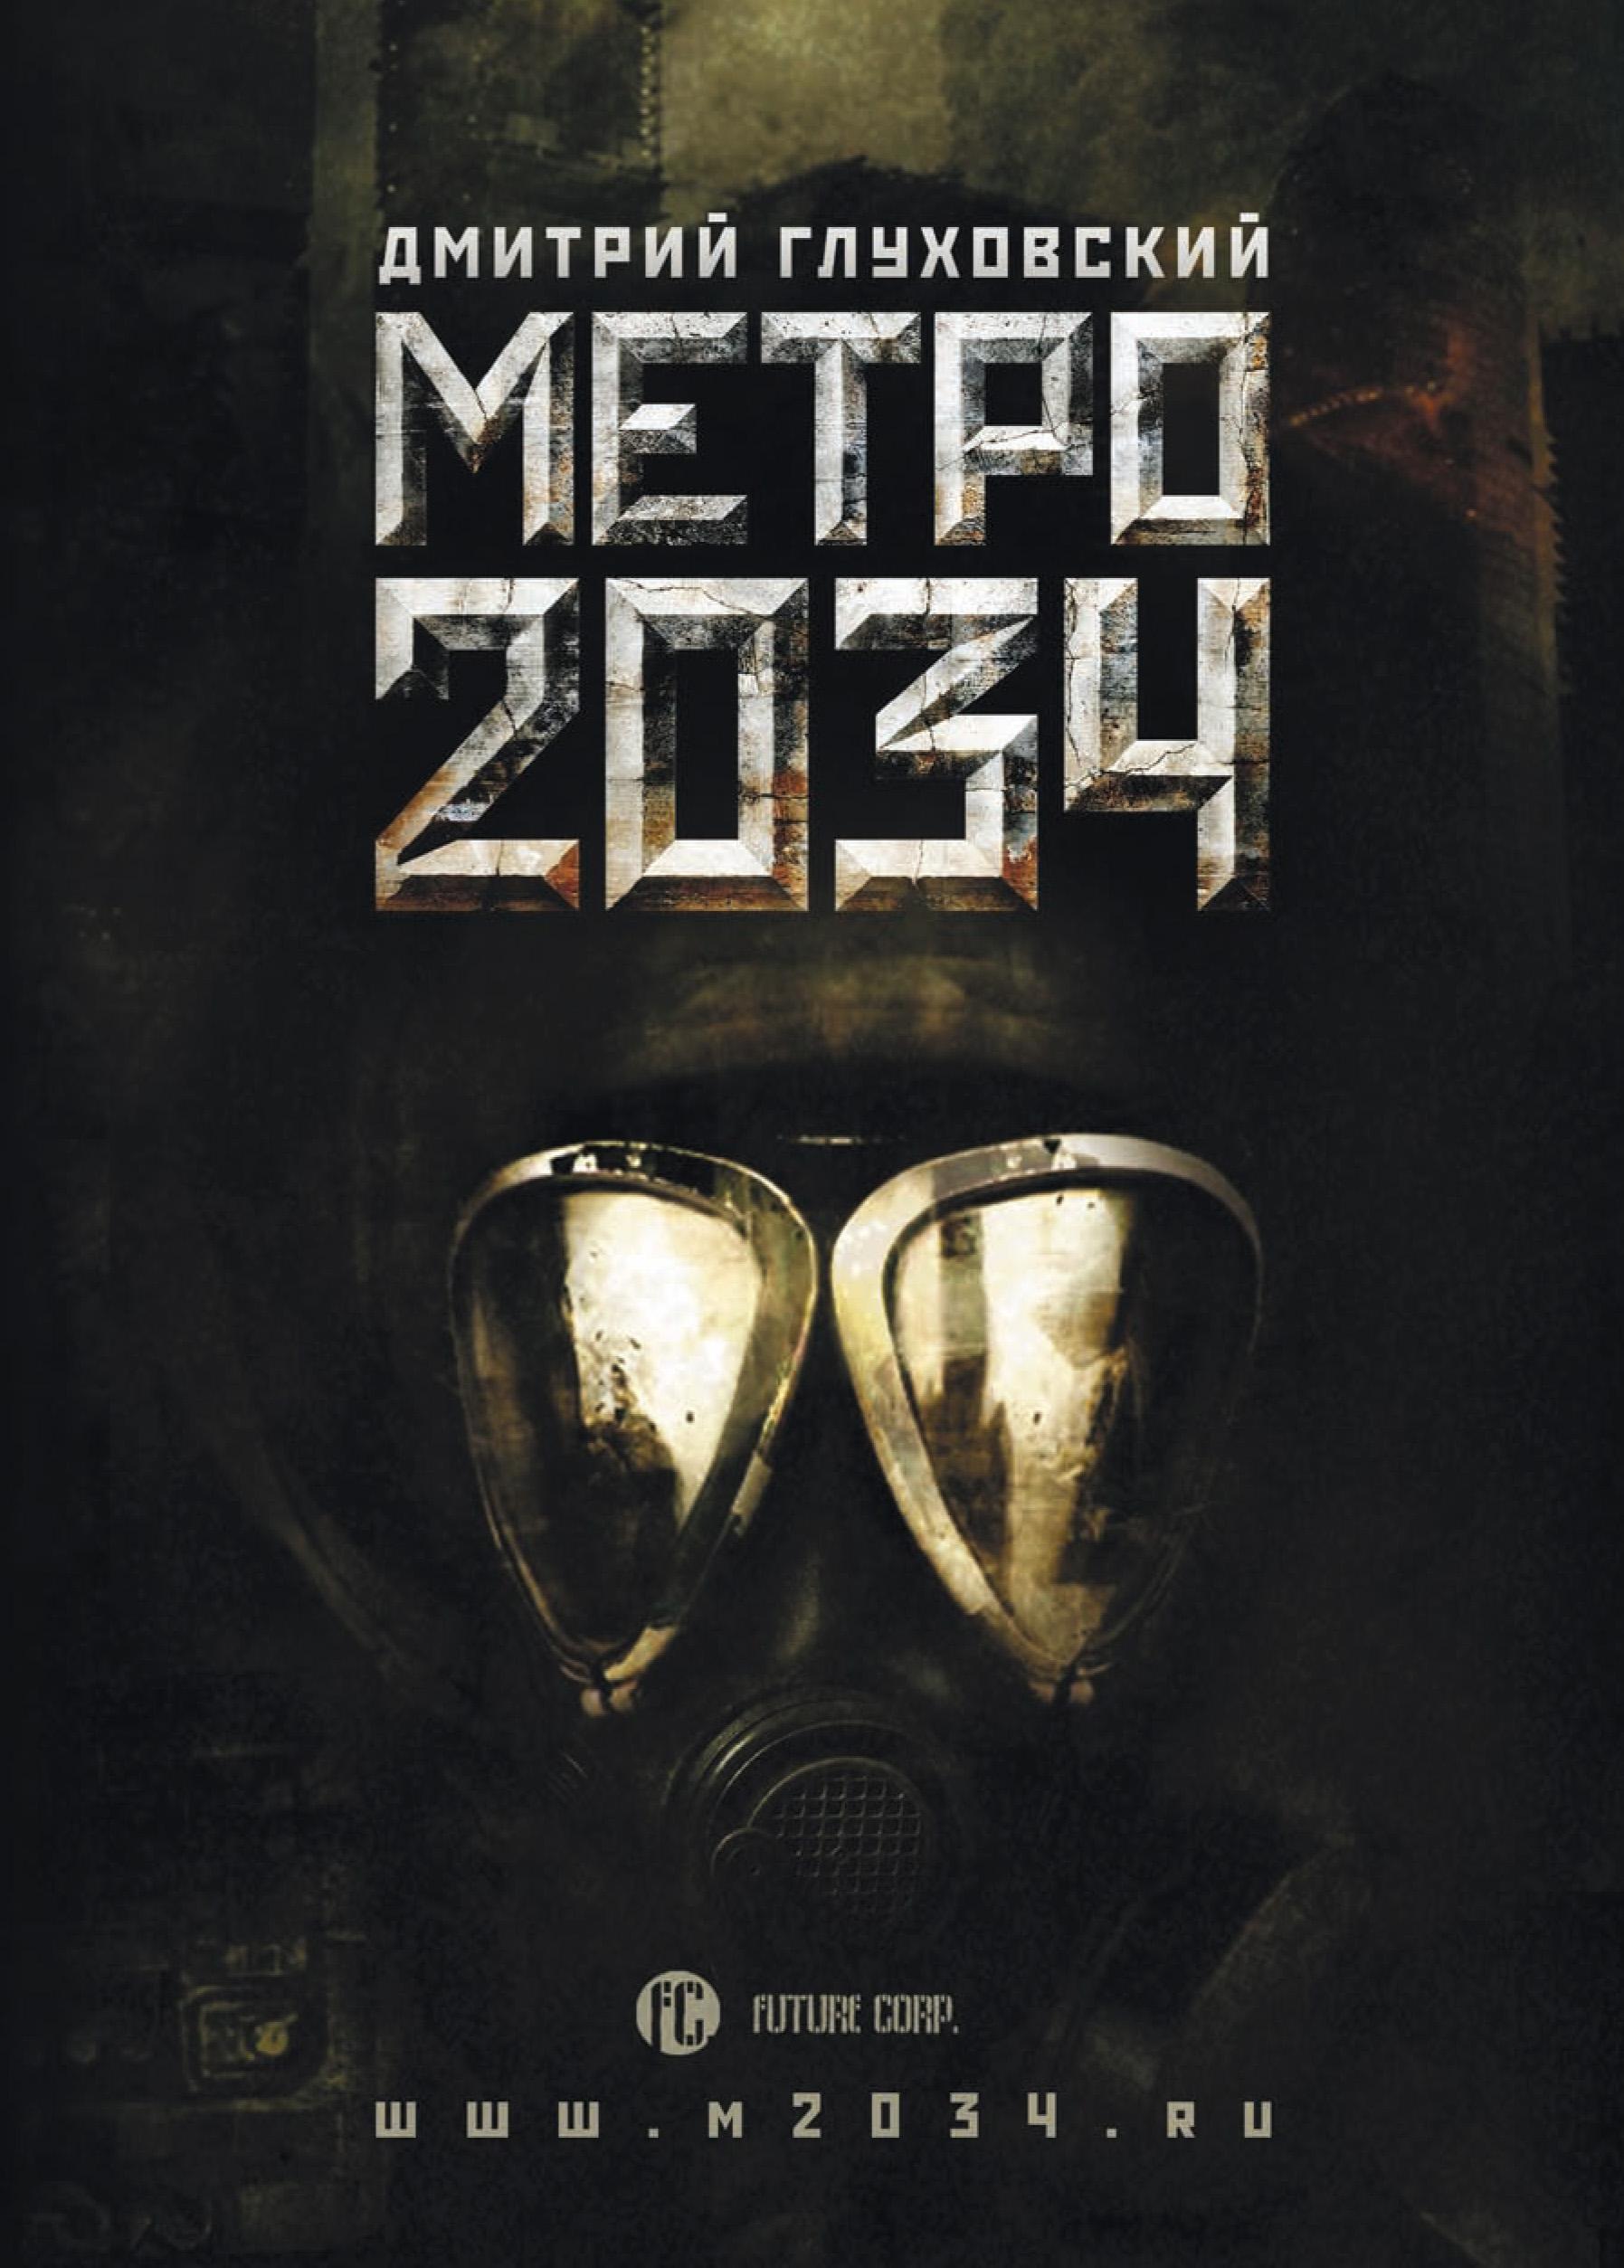 Дмитрий Глуховский Метро 2034 глуховский д метро 2034 роман